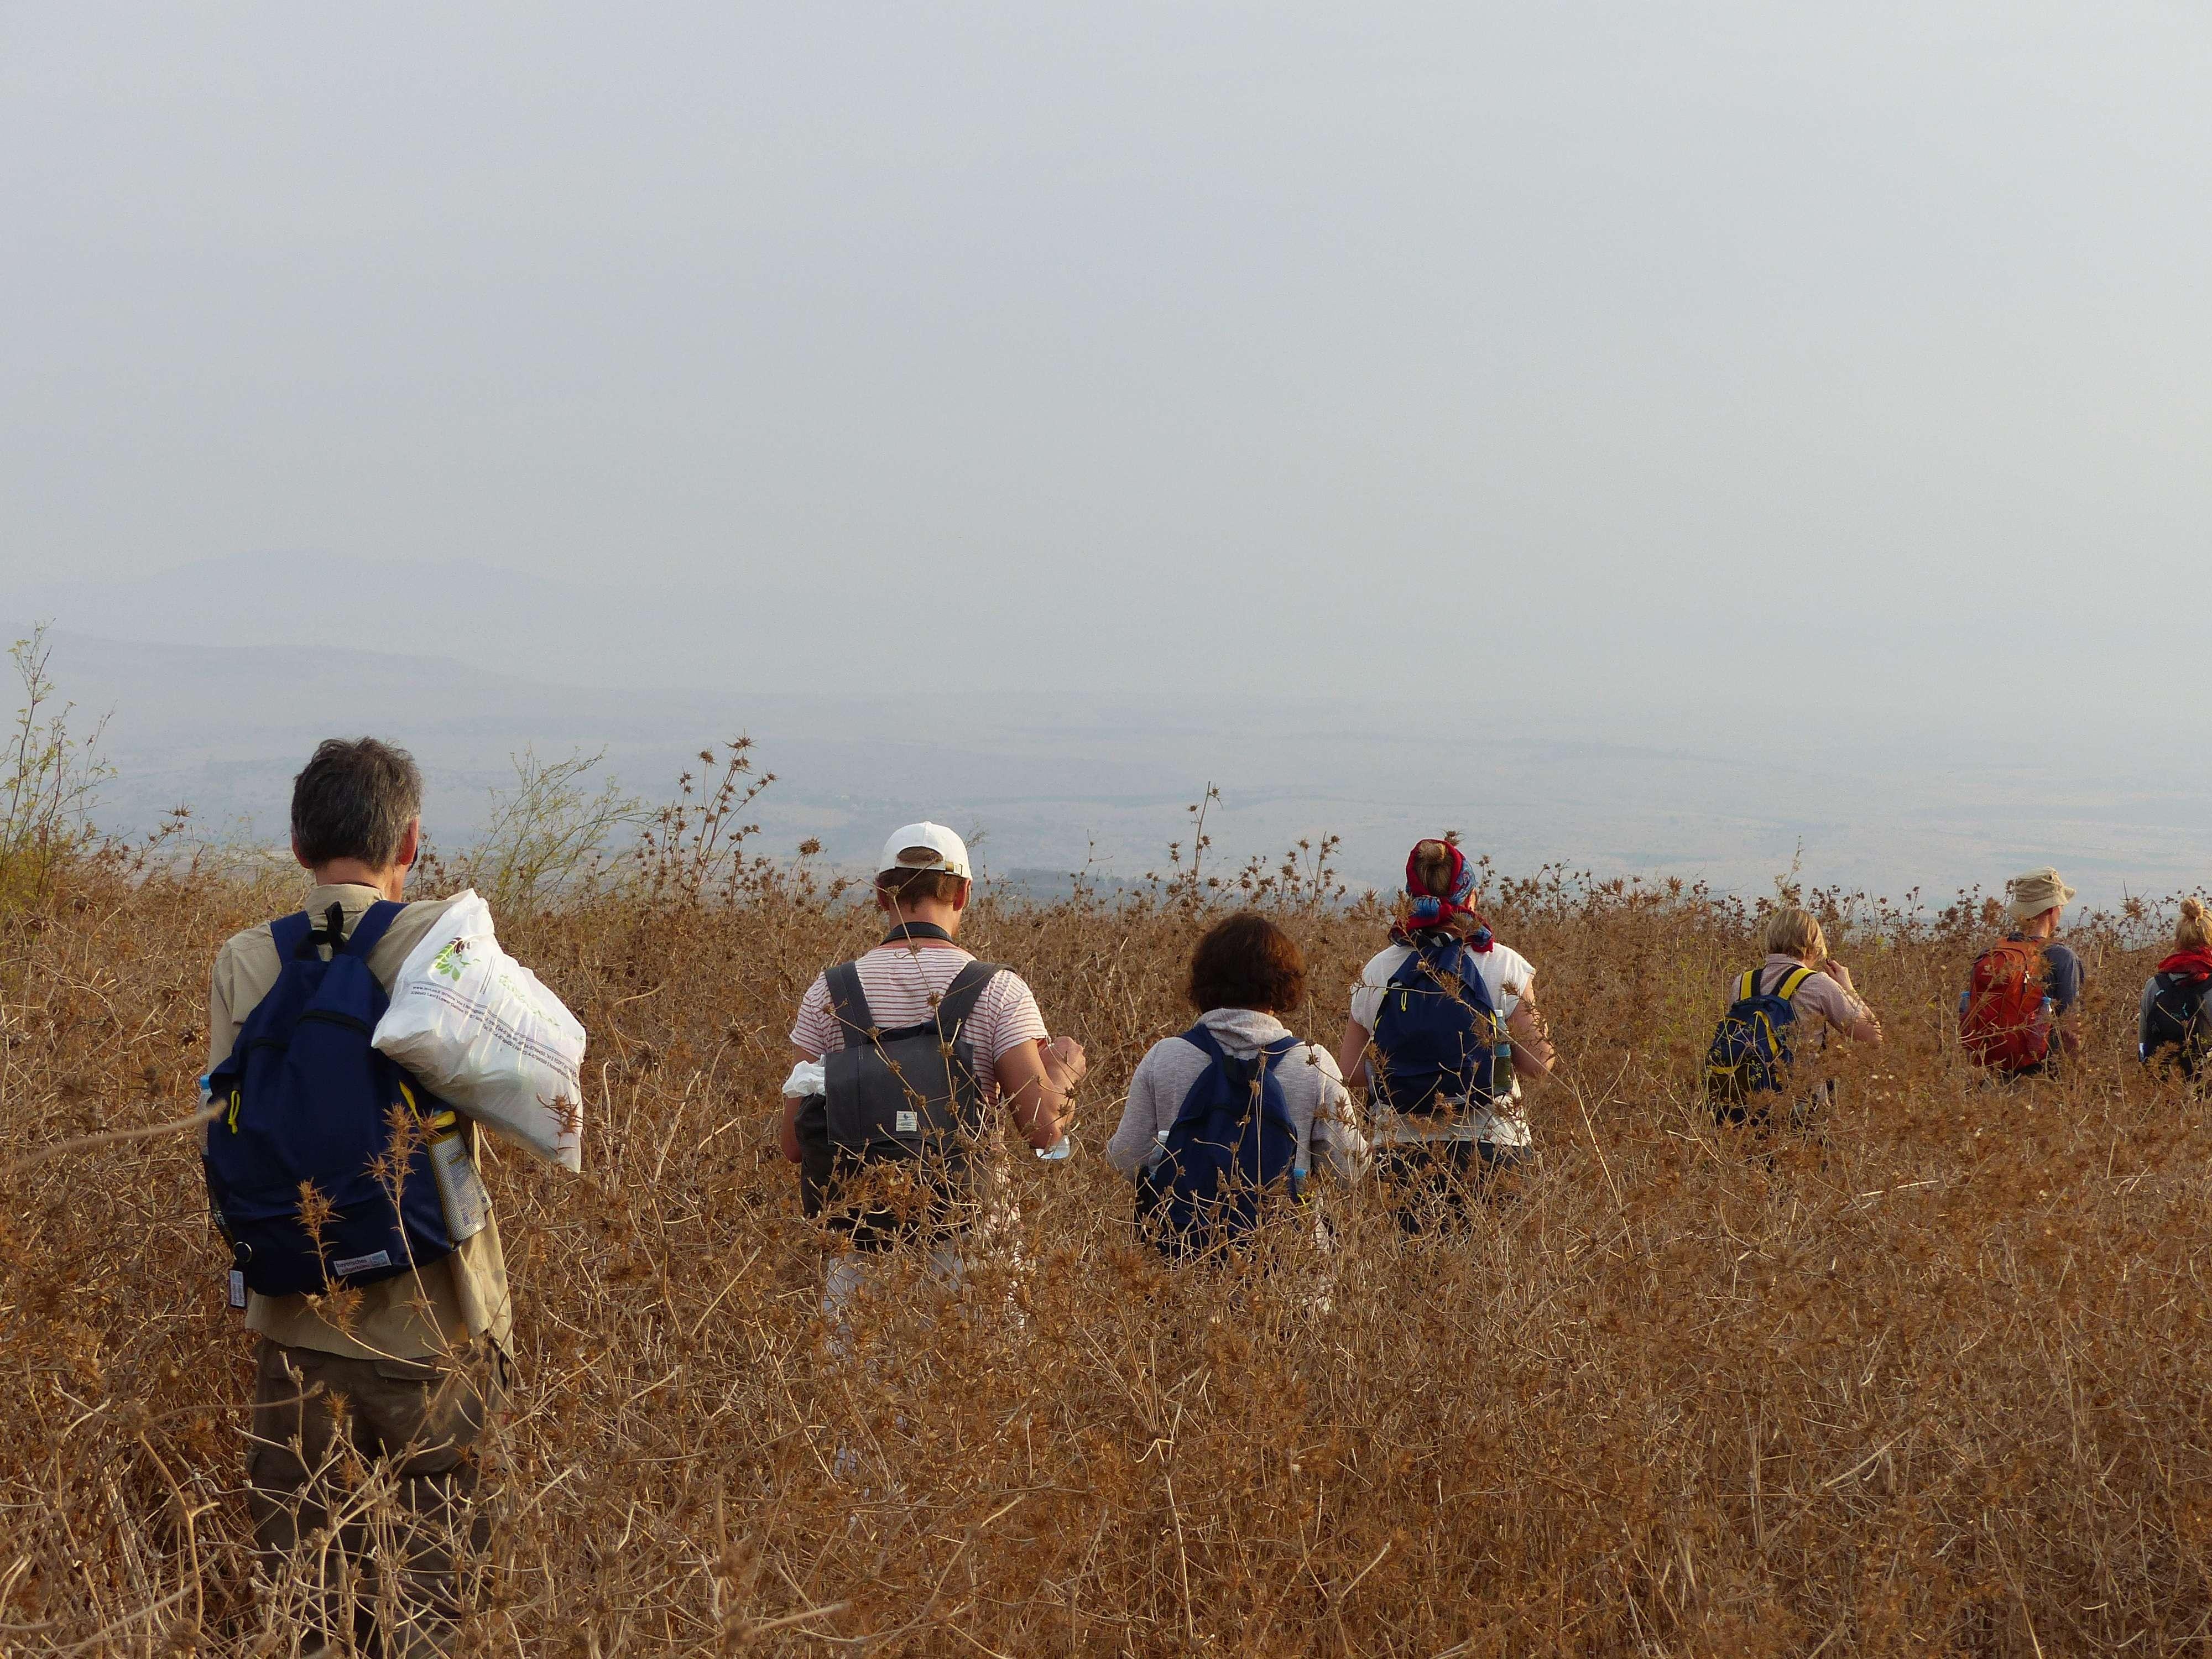 Wanderung auf dem Jerusalem-Weg.